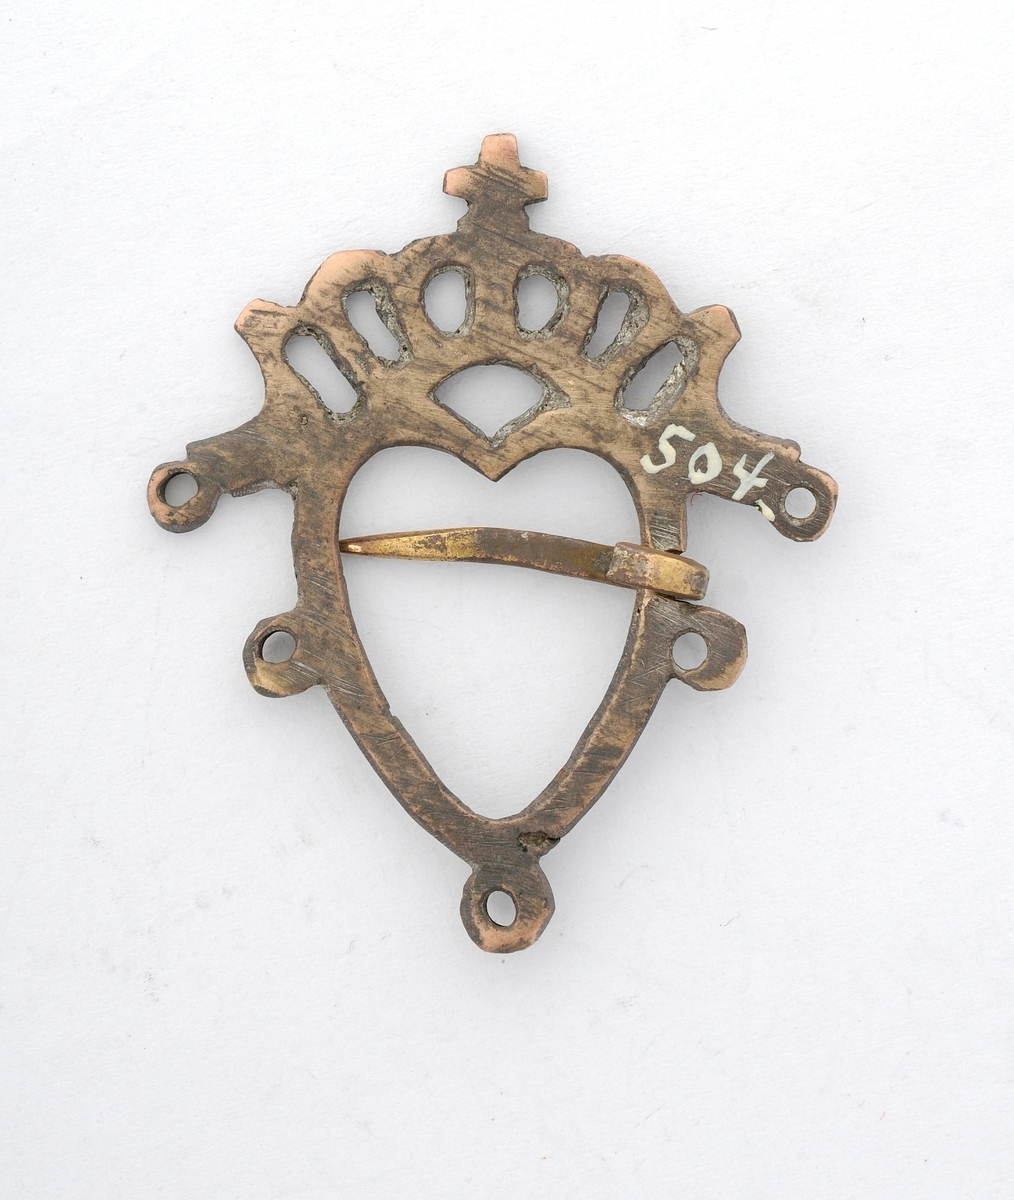 """Sølje, hjartesølje støypt i messing, forma som eit hjarte med ei """"krone"""" øverst. Enkel dekor, delvis gjennombroten. Fem ringar. Smidd tann (nål). Glatt bakside."""